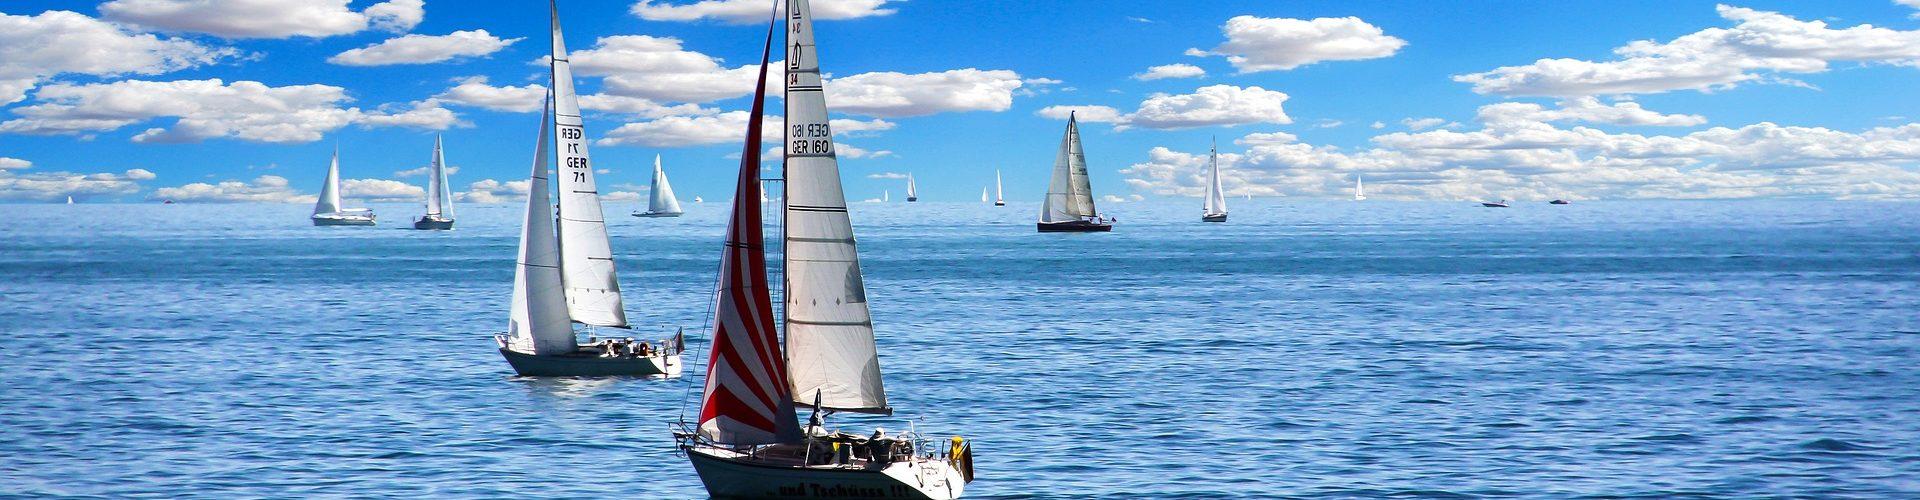 segeln lernen in Rosdorf segelschein machen in Rosdorf 1920x500 - Segeln lernen in Rosdorf